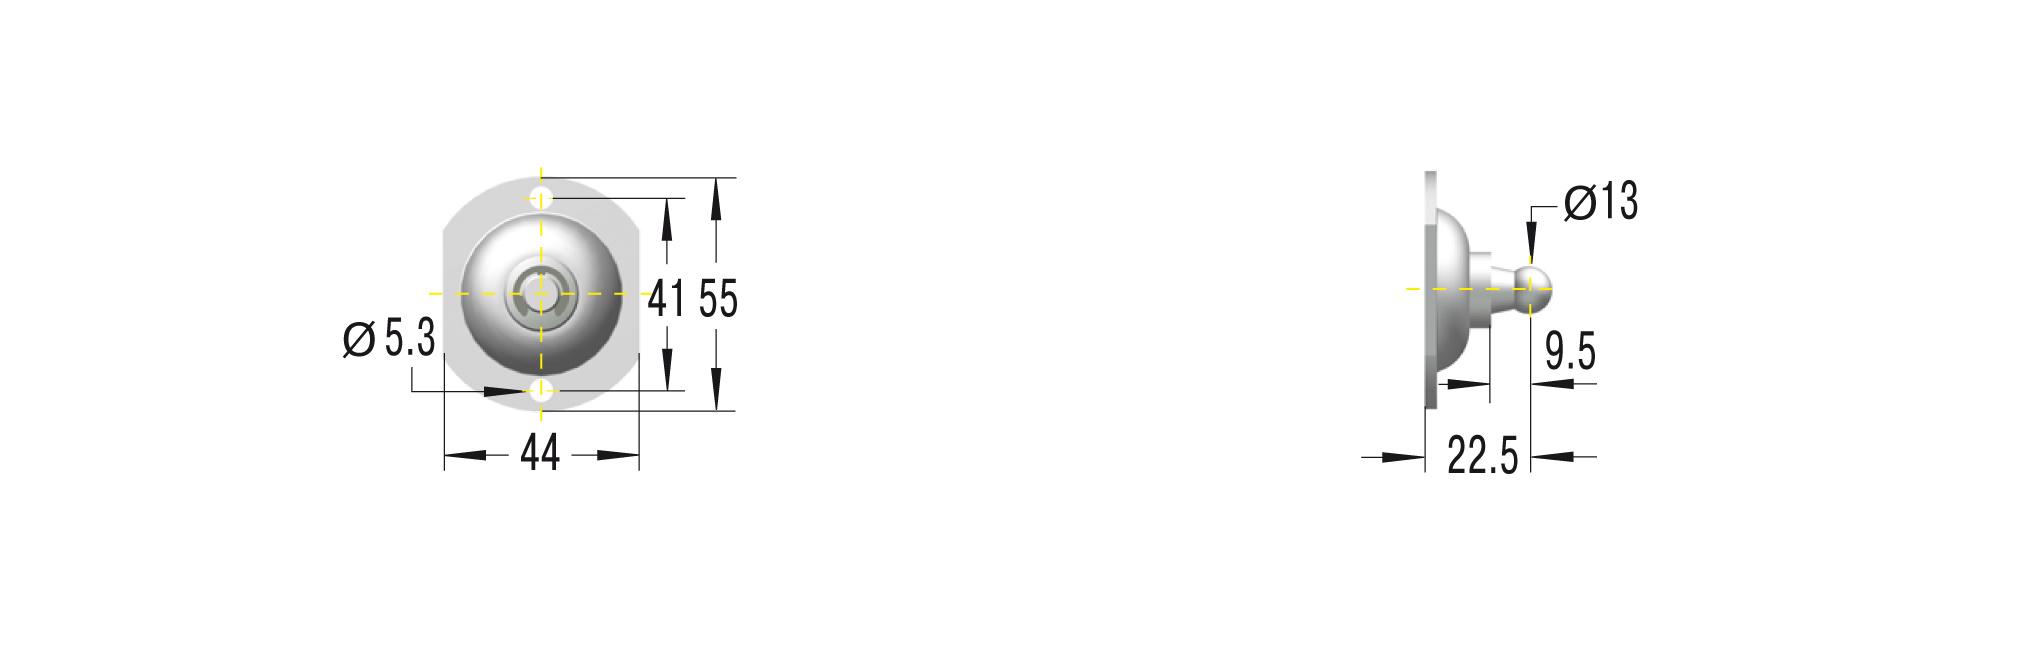 Beschlag für GS/GZ in Edelstahl V4A ***maximale Belastung 1200N***